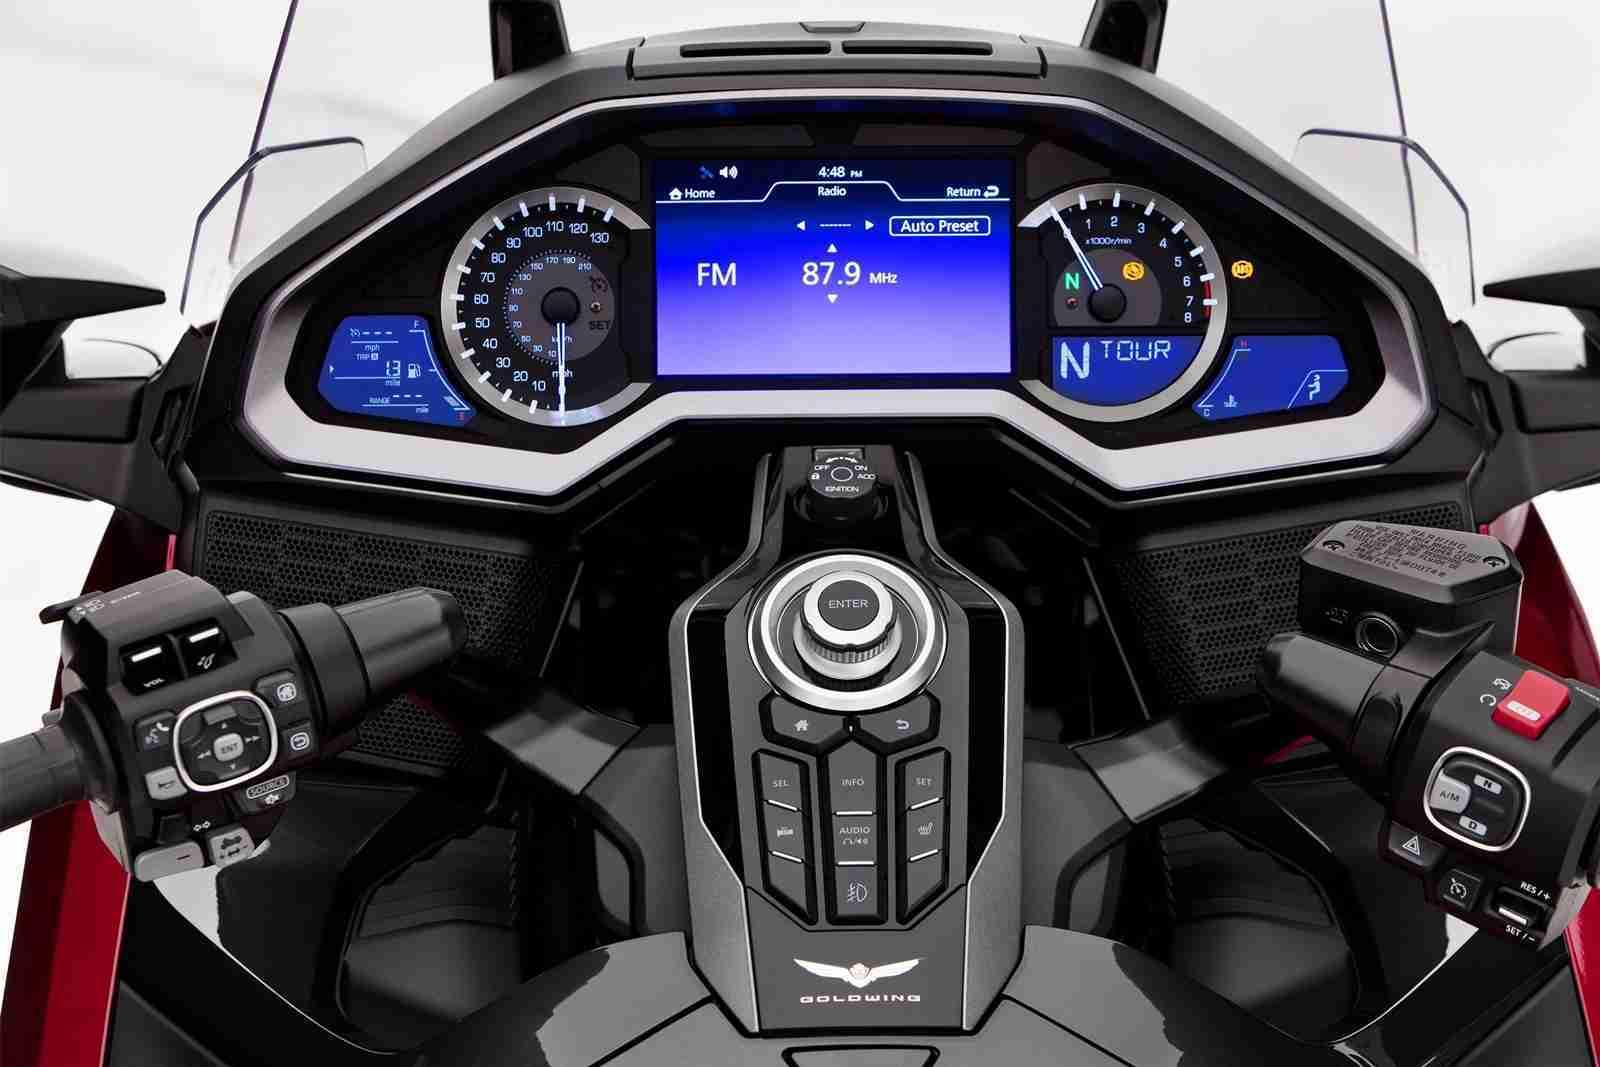 2021 Gold Wing Tour cockpit - instrument console